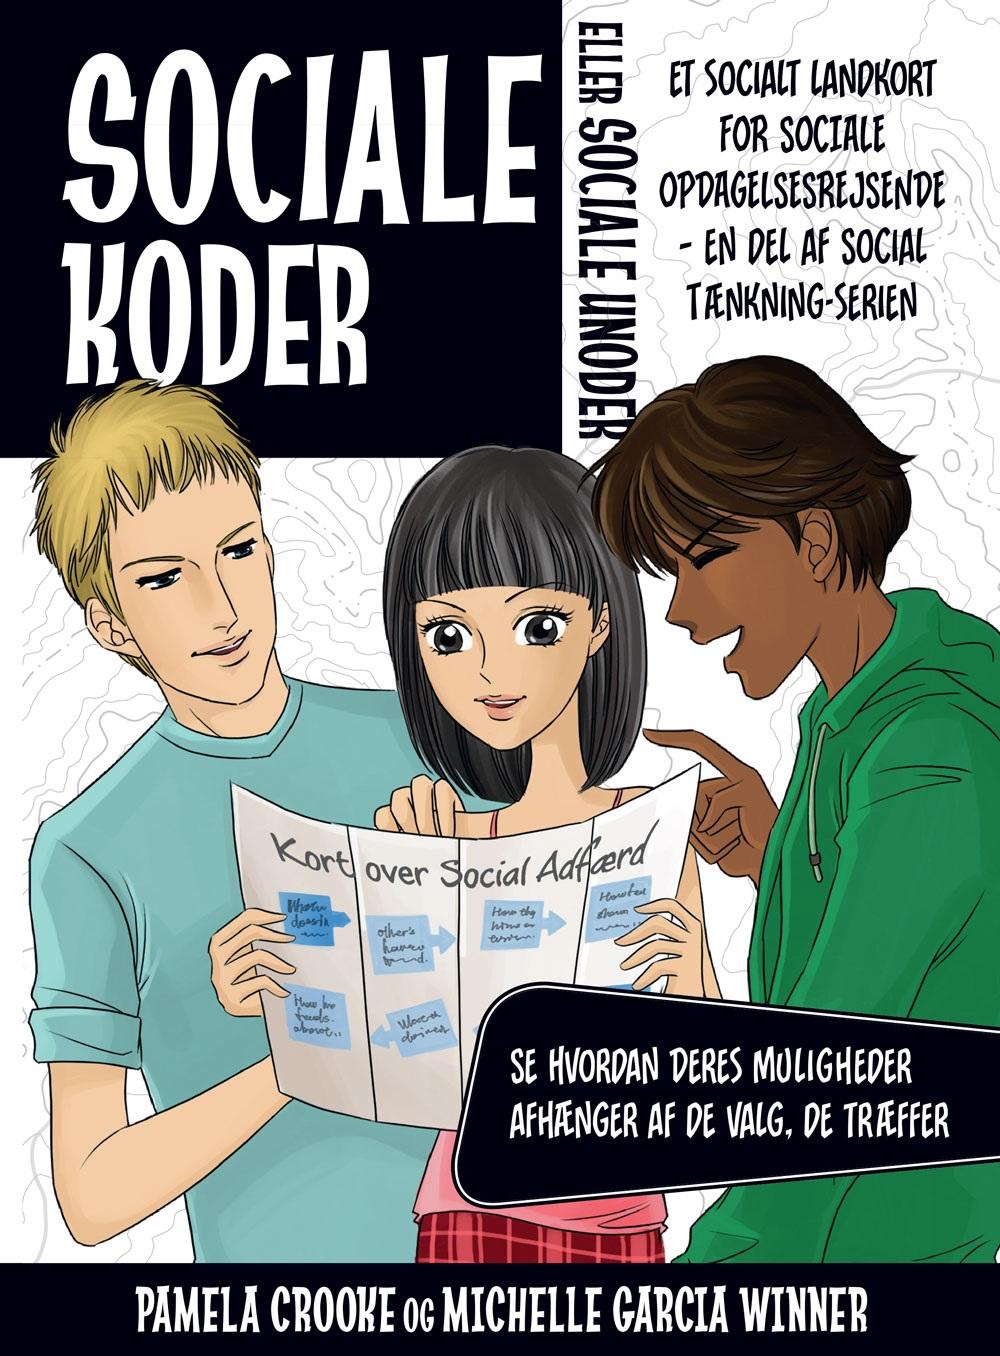 Sociale koder eller sociale unoder - Michelle Winner og Pamela Crooke - Bøger - Forlaget Pressto ApS - 9788793716360 - 4/11-2019